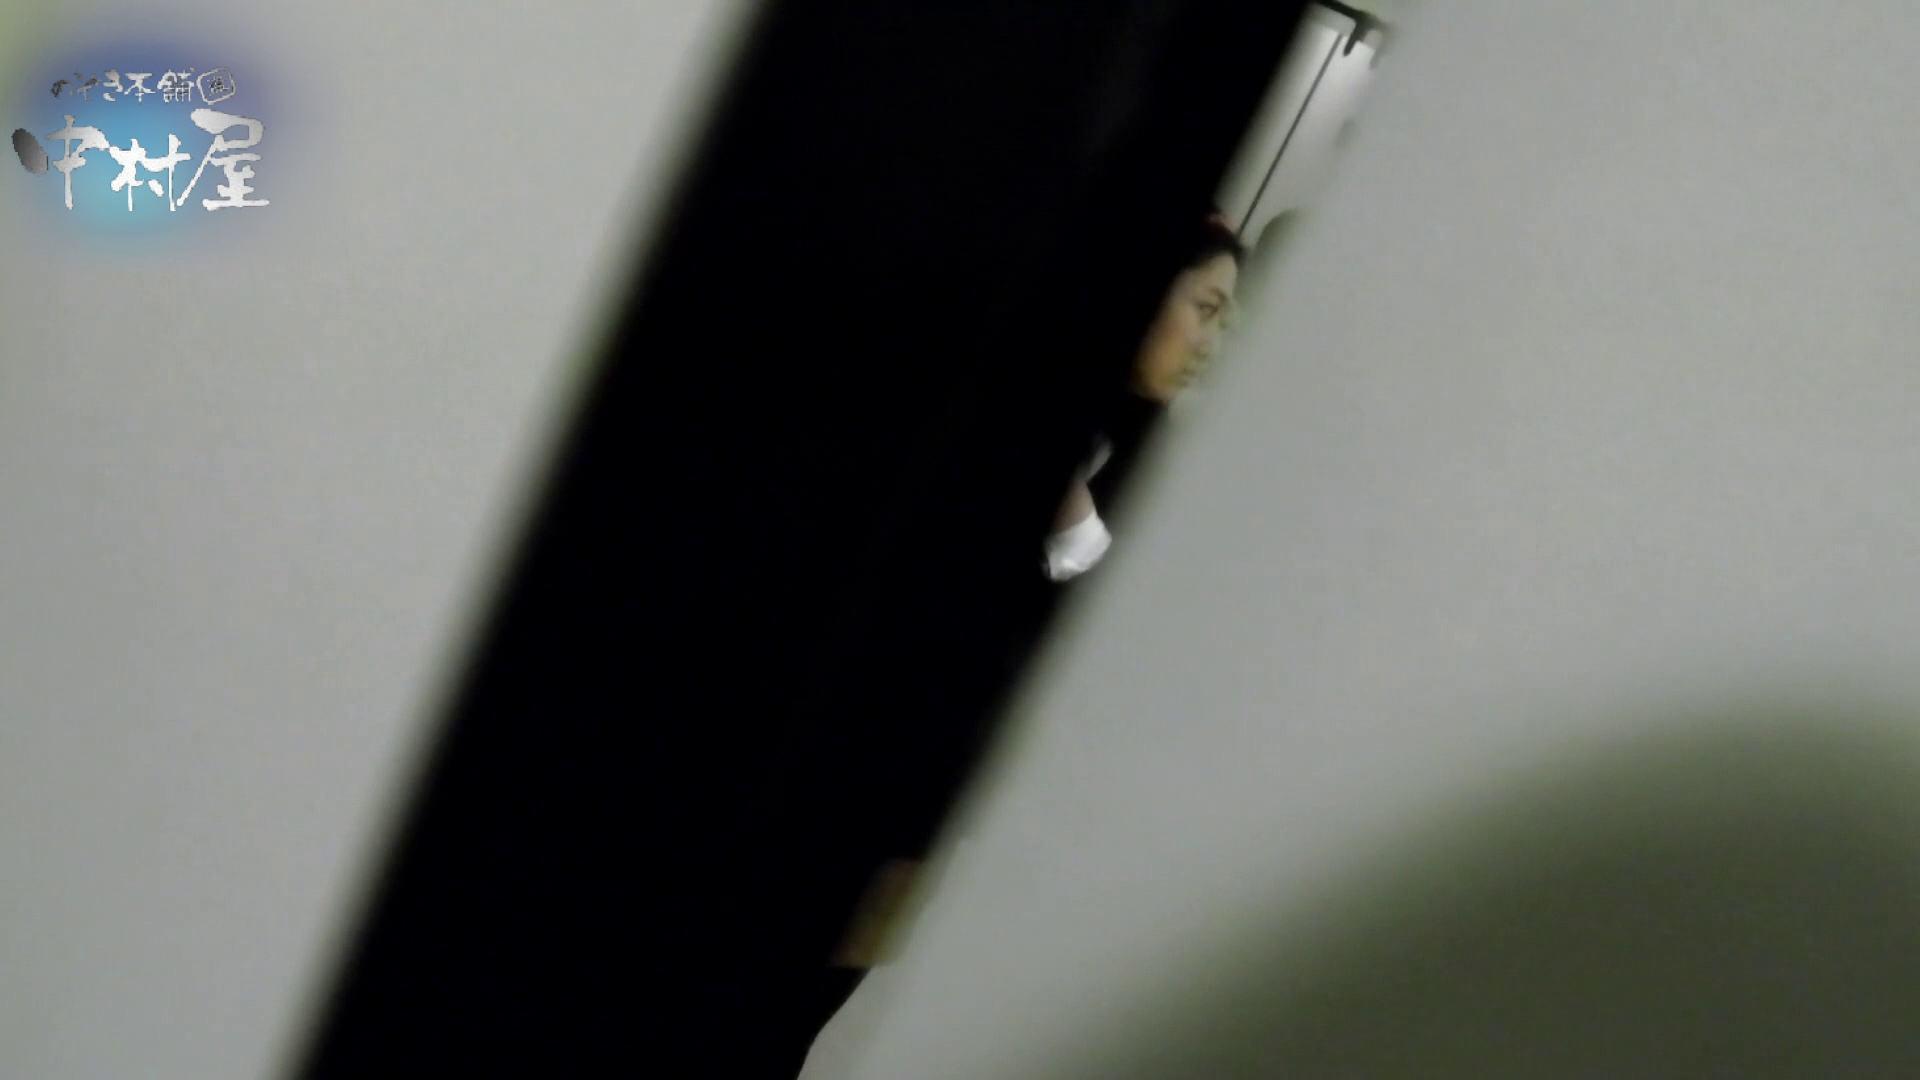 乙女集まる!ショッピングモール潜入撮vol.01 トイレの中まで ぱこり動画紹介 11枚 7